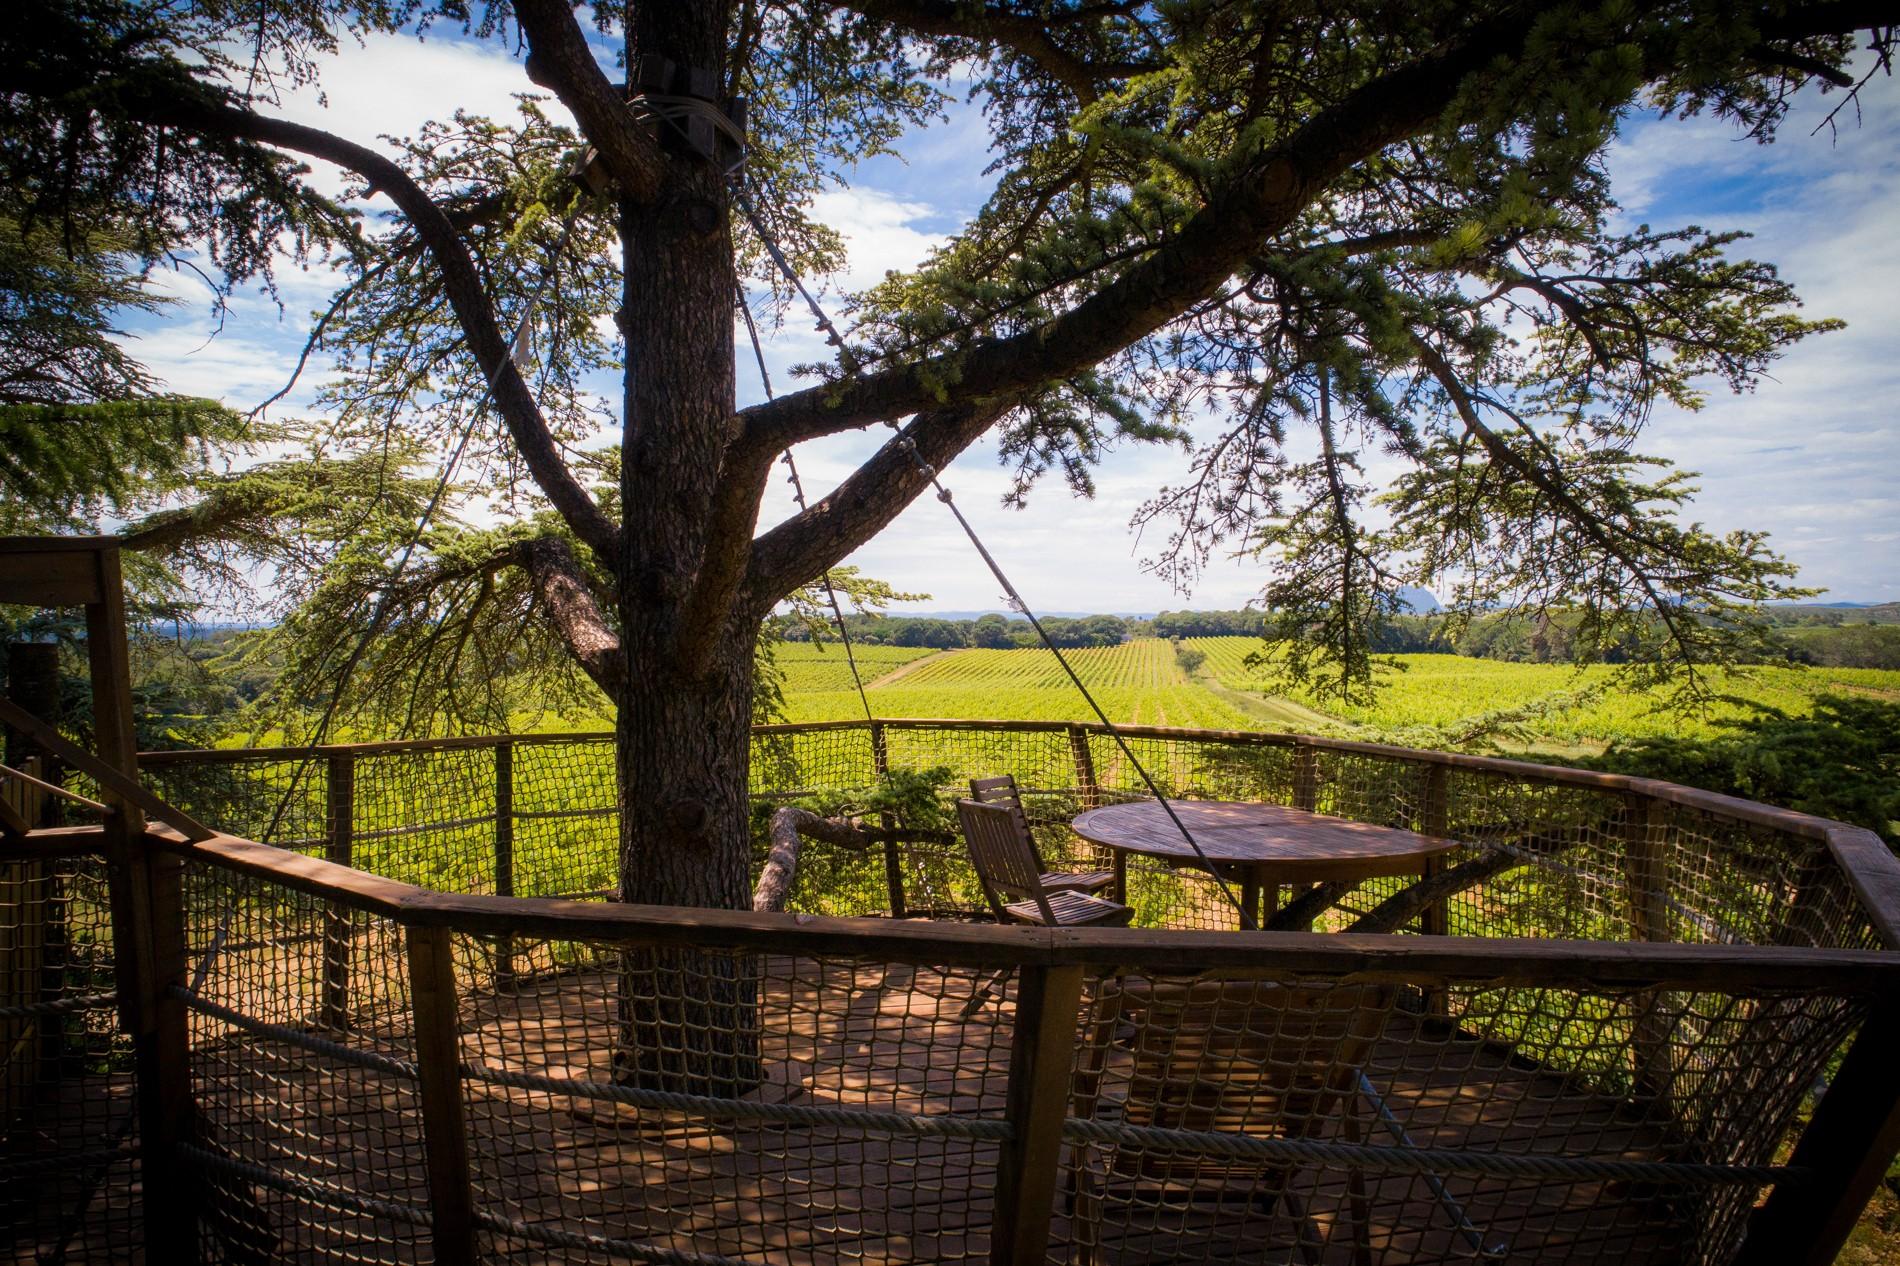 Photo 16 extérieur - Cabanes dans les arbres - terrasse avec vue sur le Pic Saint Loup - hébergement insolite à Montpellier - Tourisme de nature - Domaine saint Jean de l'Arbousier, Castries, Hérault